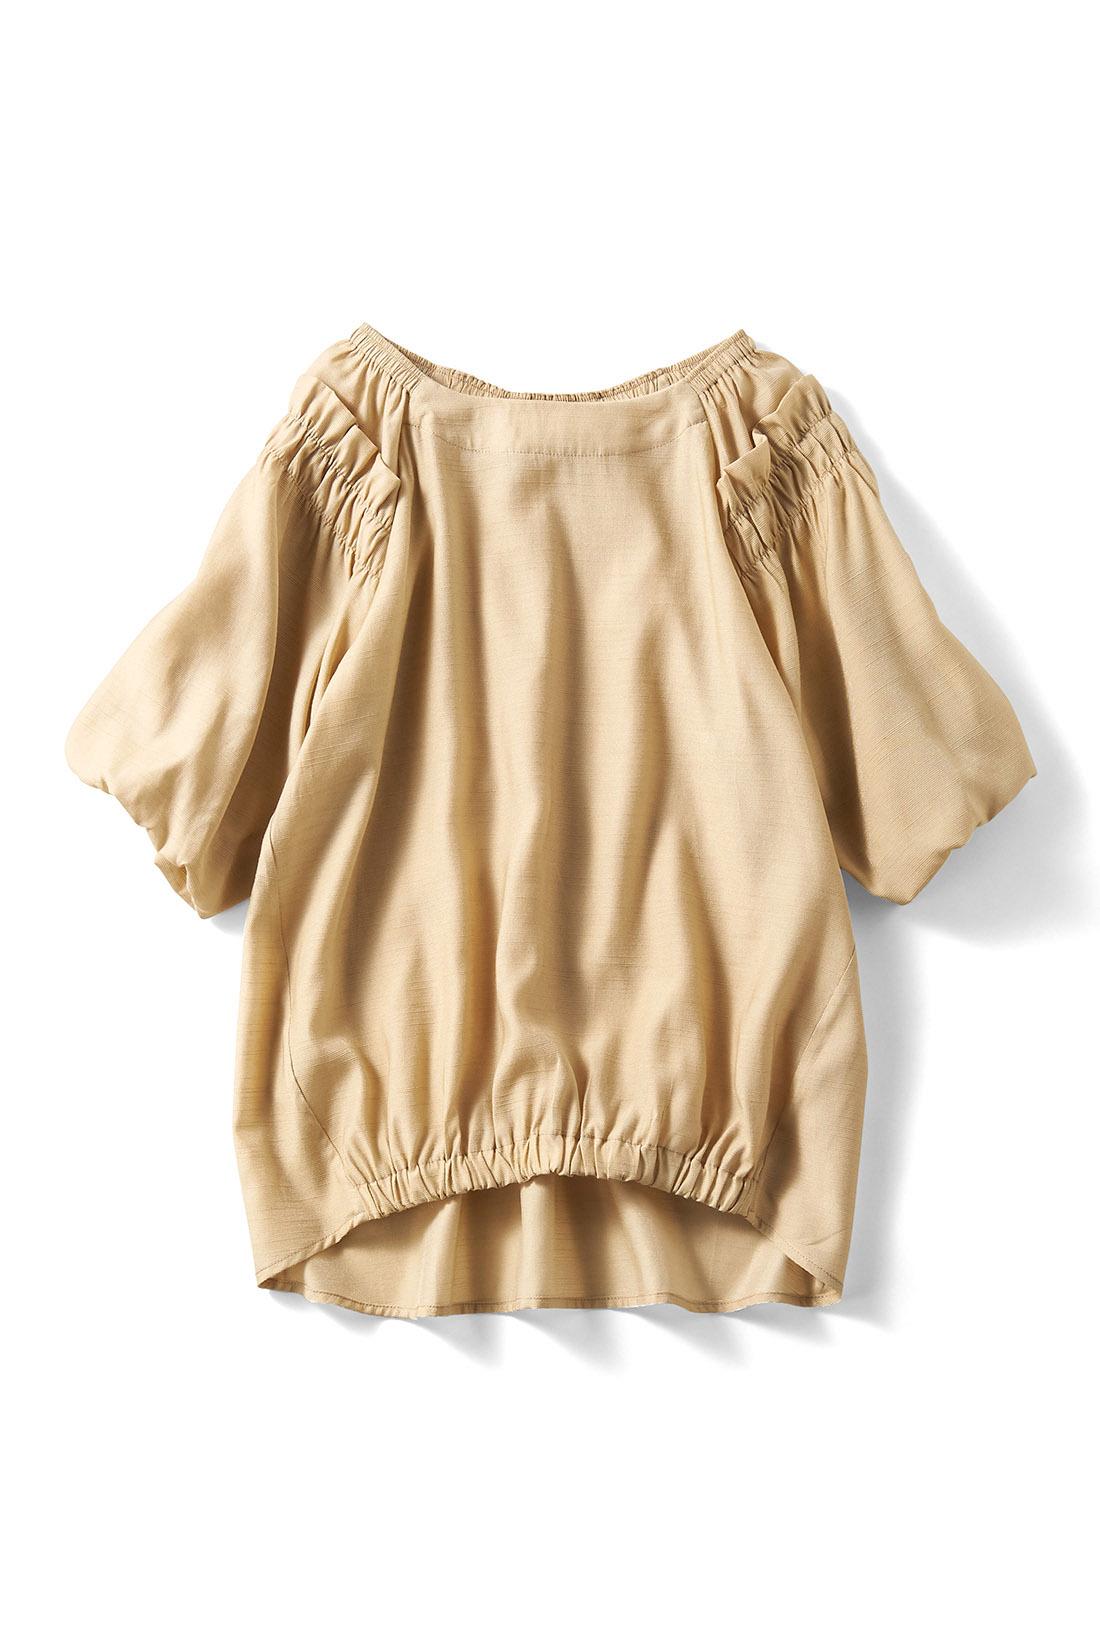 ナチュラルな〈ベージュ〉 着るだけでフロントインしたようなこなれ感が出るギャザーゴムデザイン。